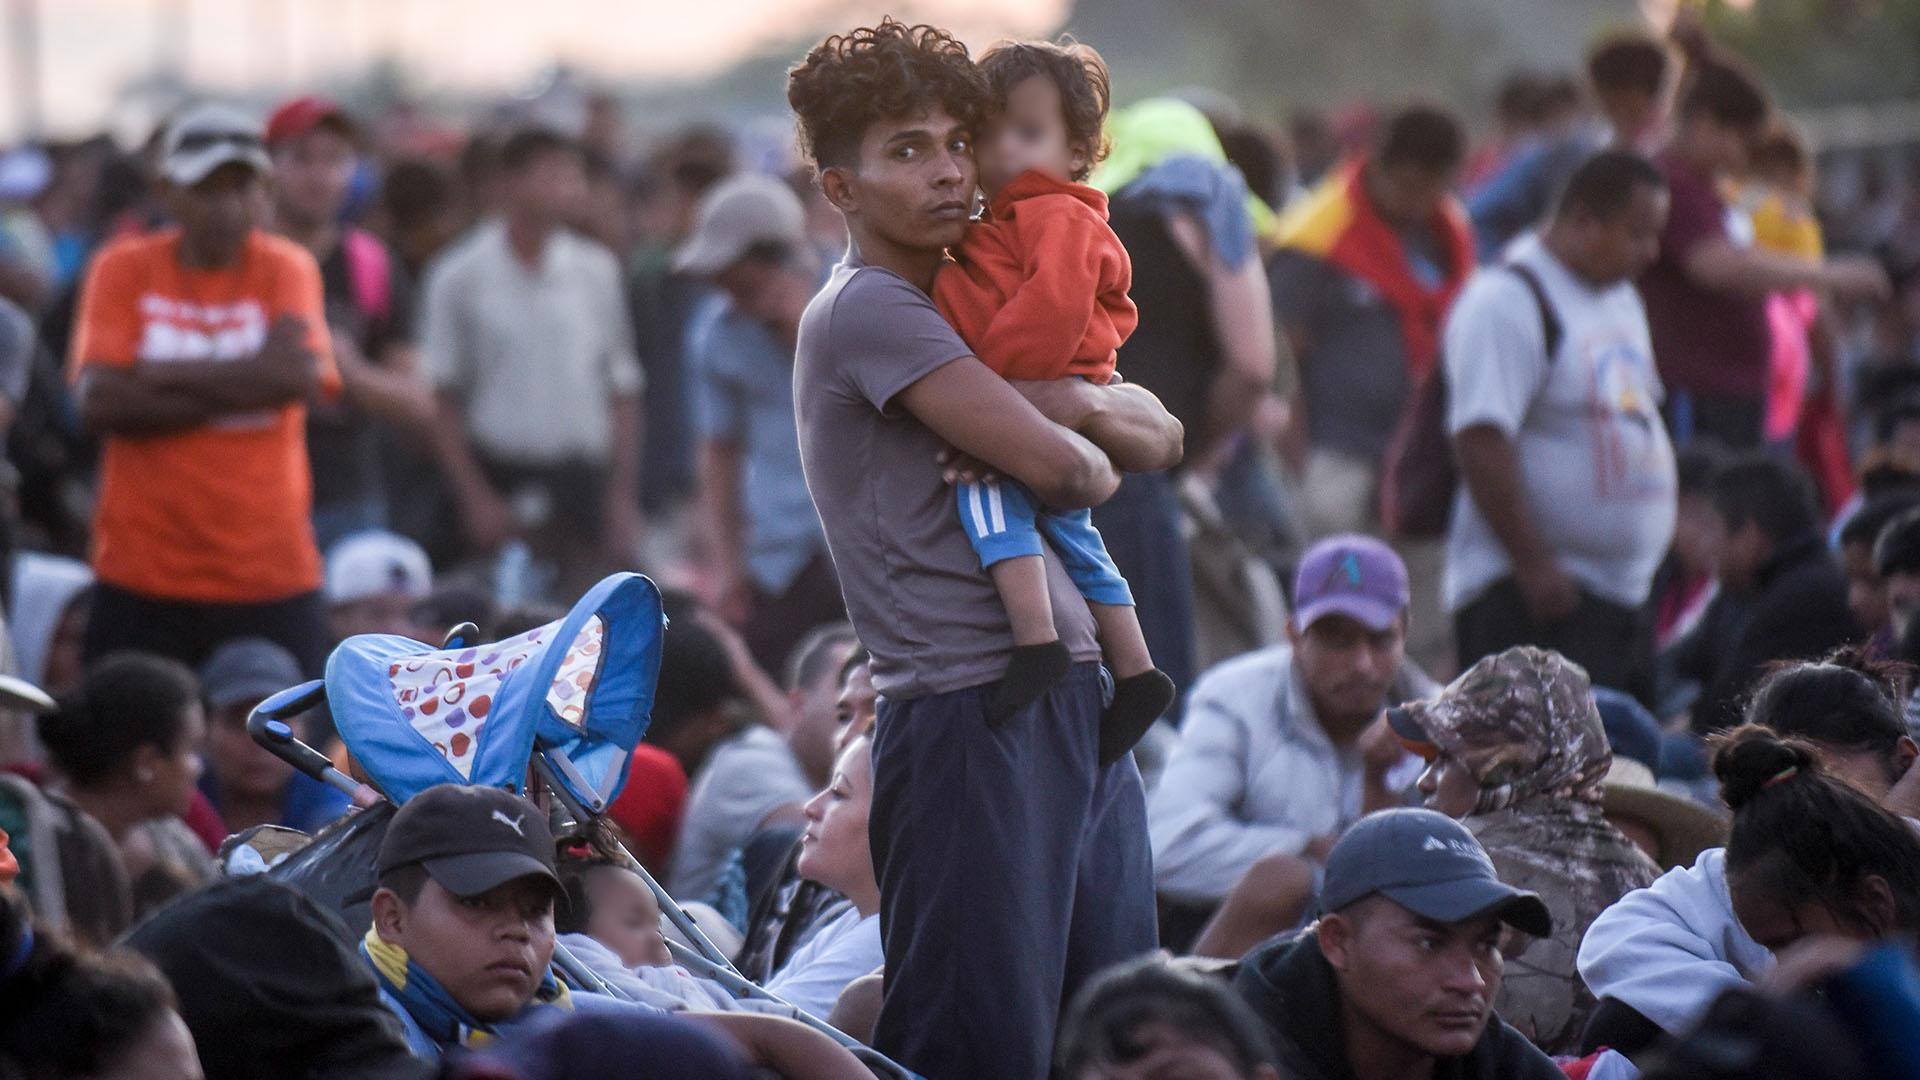 Integrantes de la caravana migrante esperan sobre el puente internacional que divide México y Honduras, con la esperanza de lograr cruzar la frontera entre estos dos países (Foto: Johan Ordoñez/AFP)